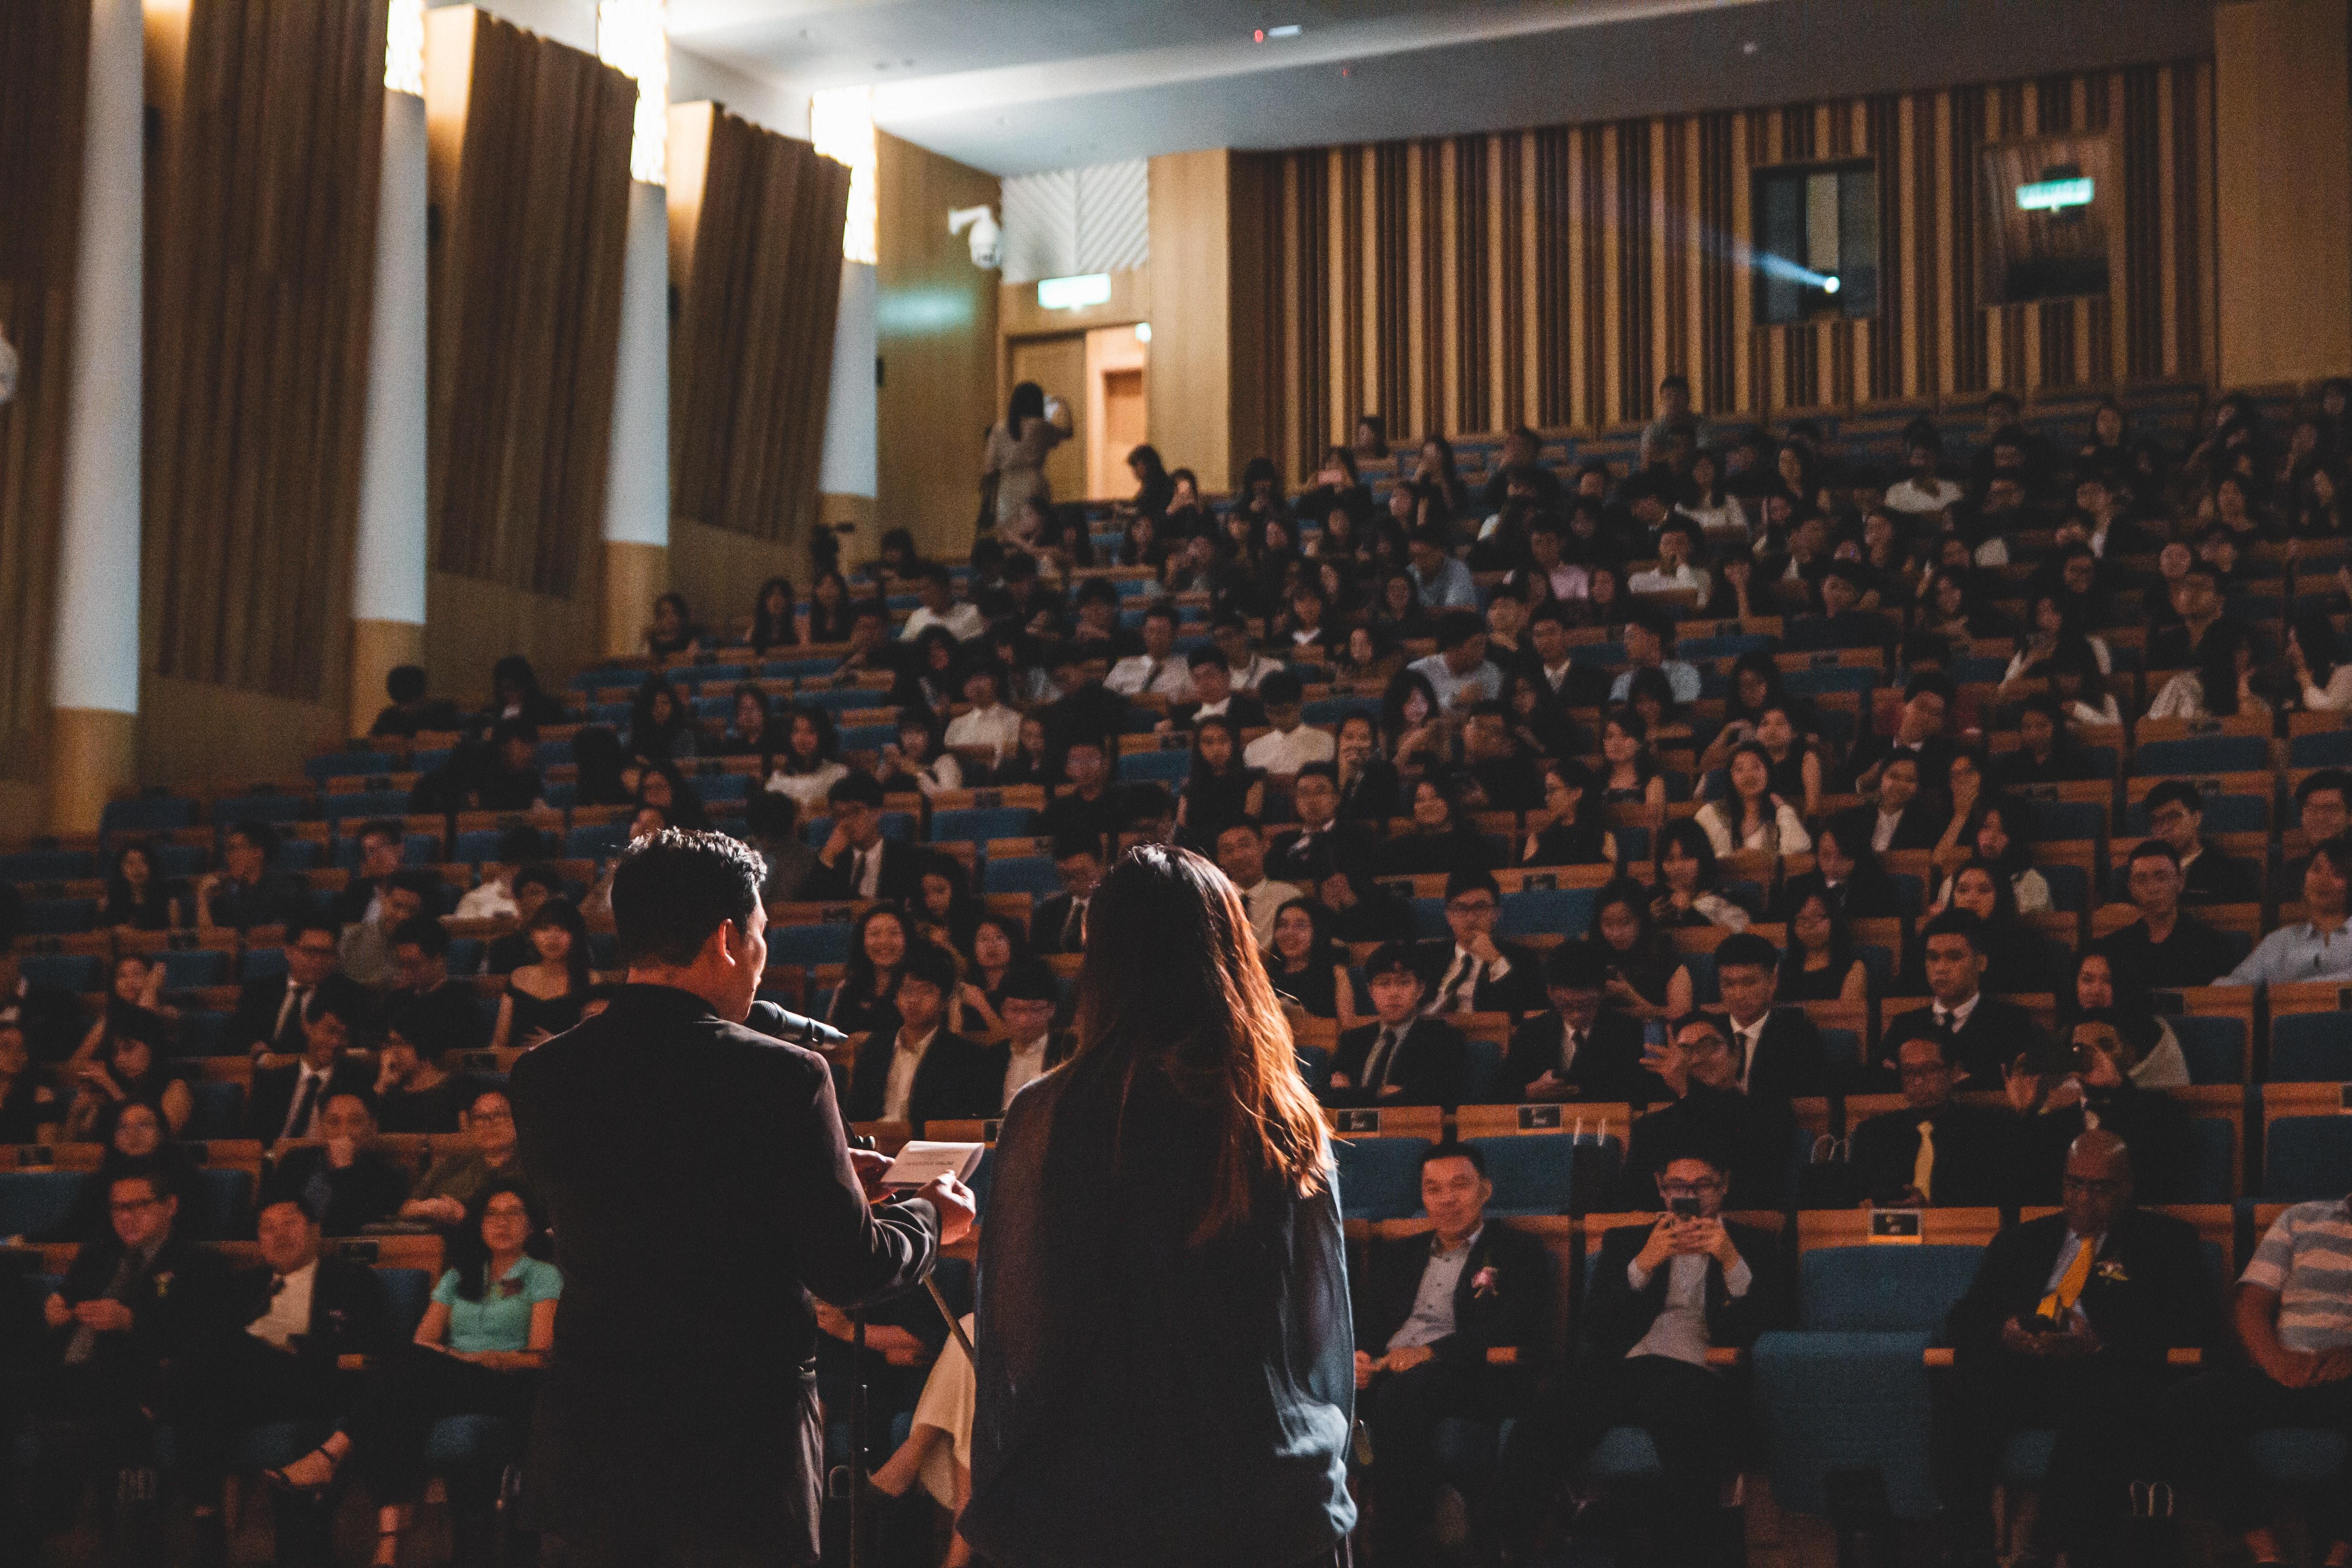 Presenting at Academic Seminars